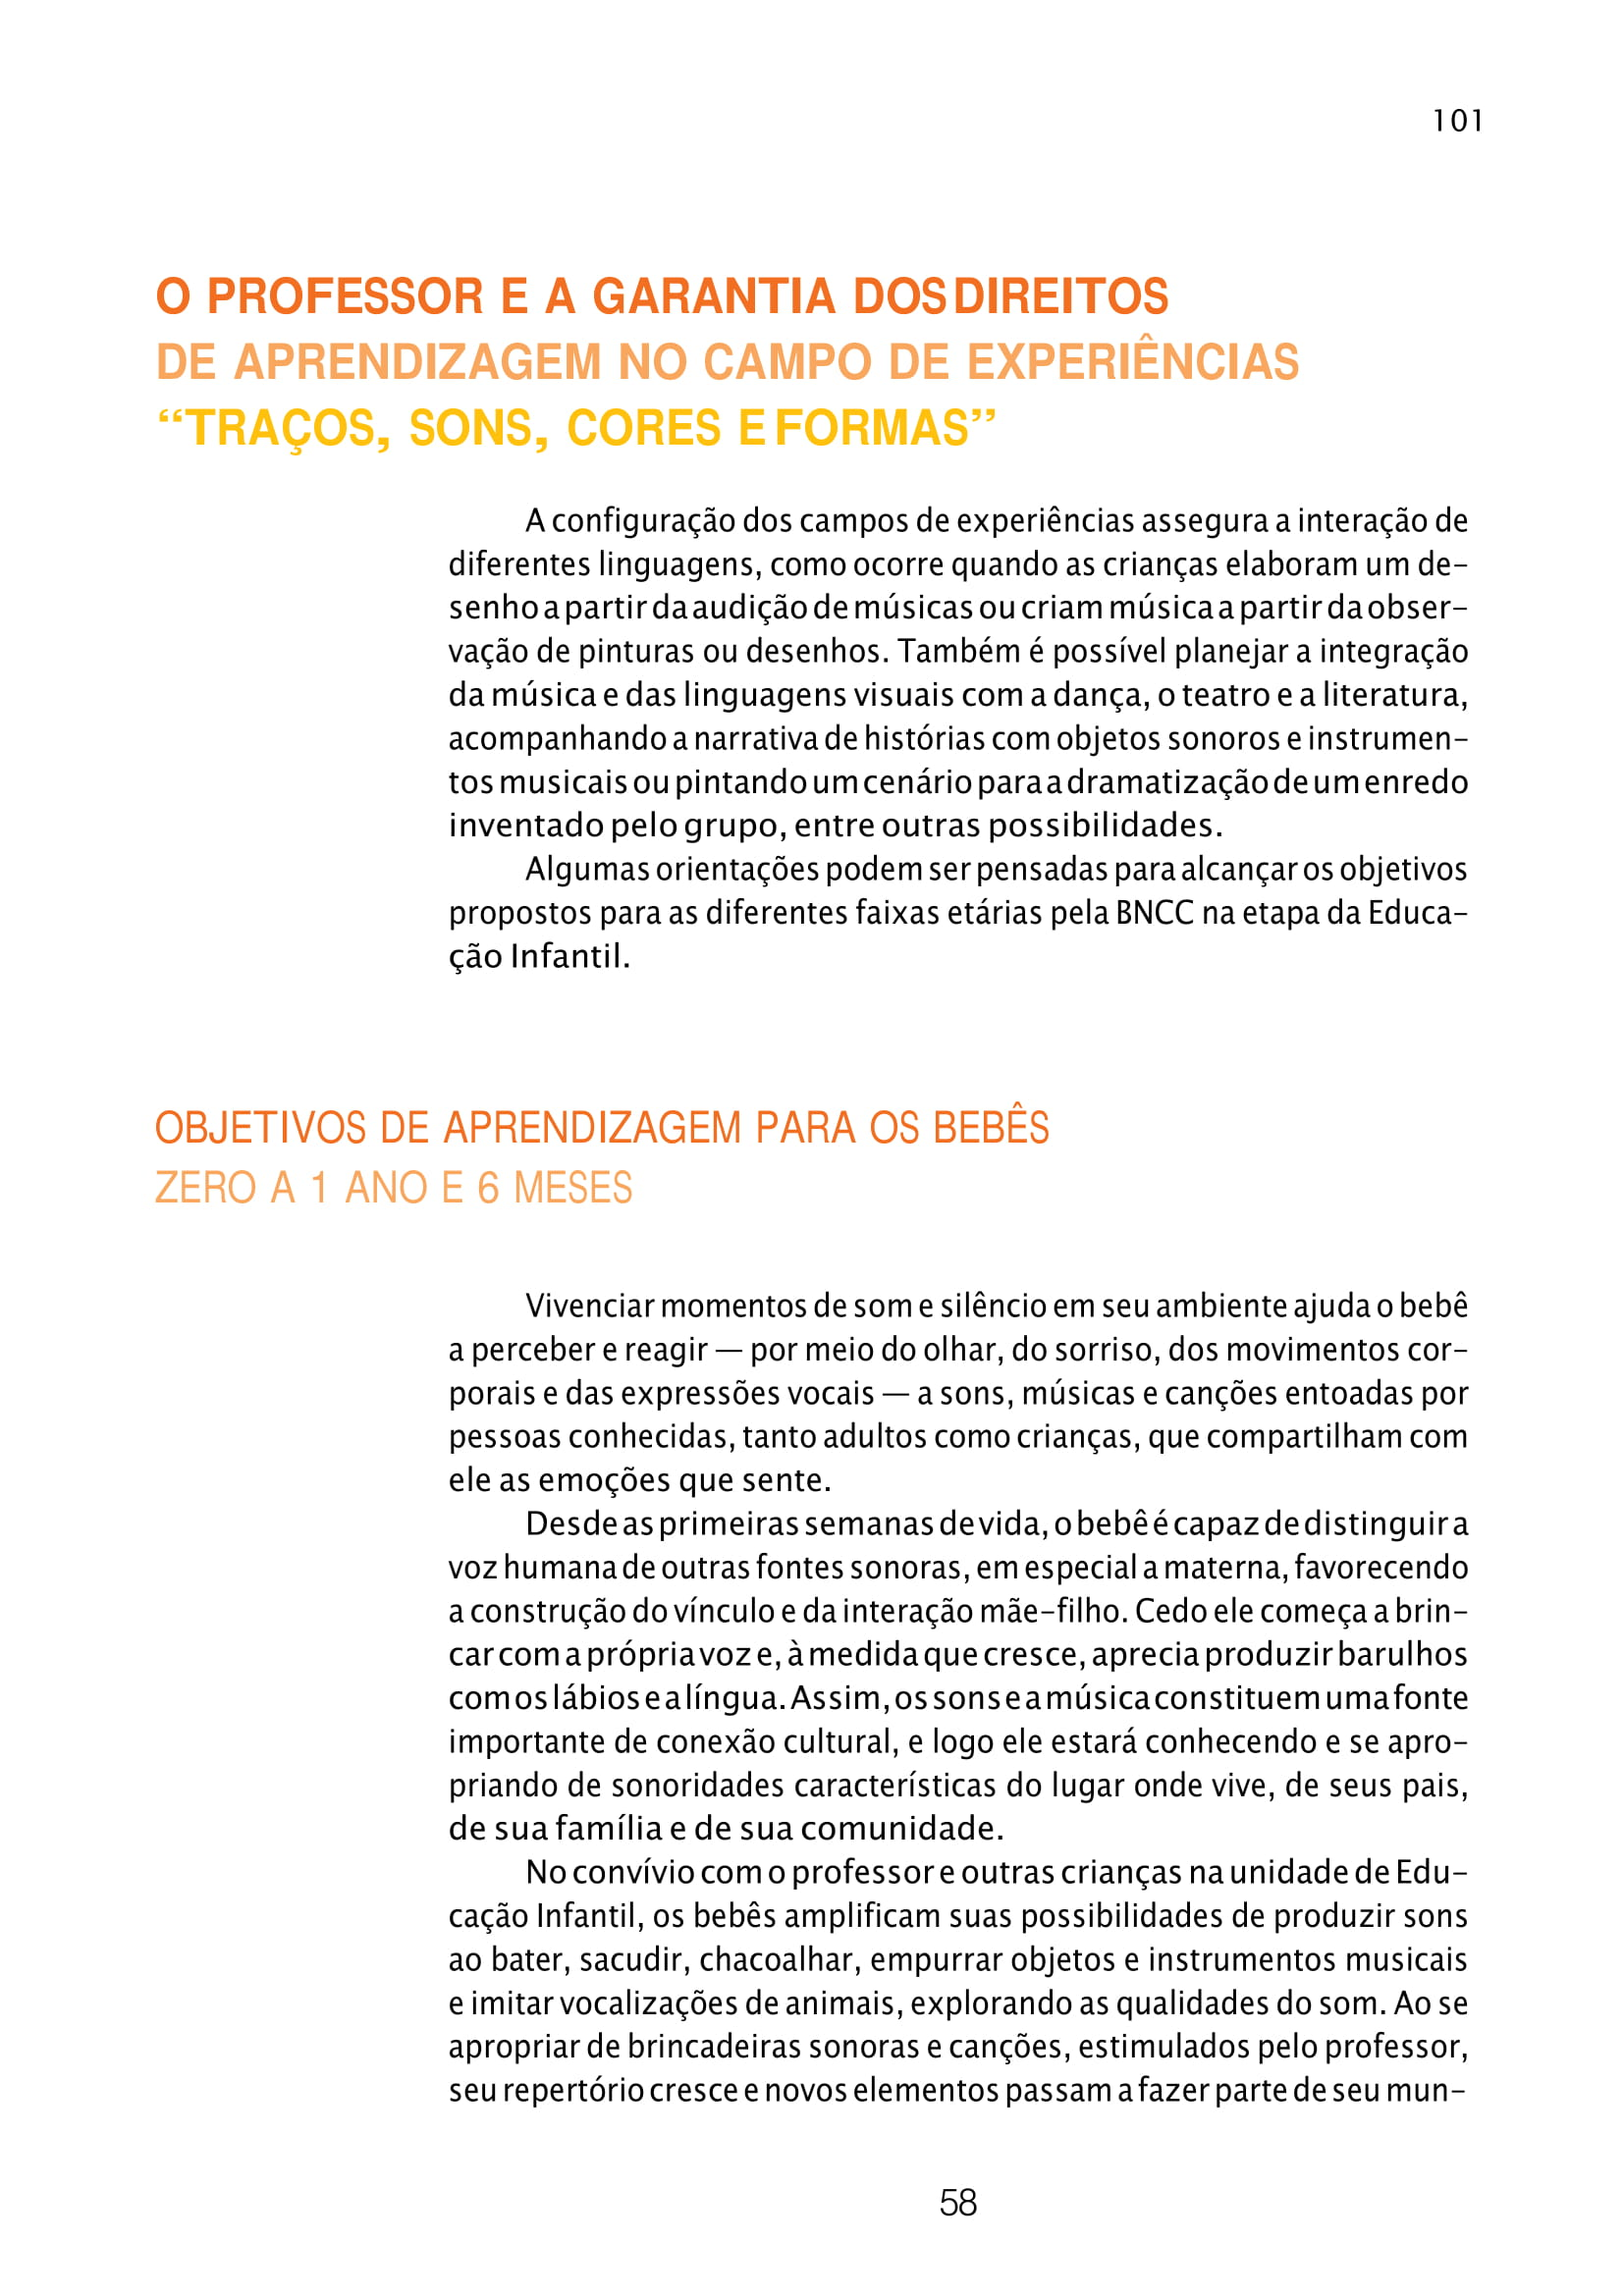 planejamento-educação-infantil-bncc-geral-131